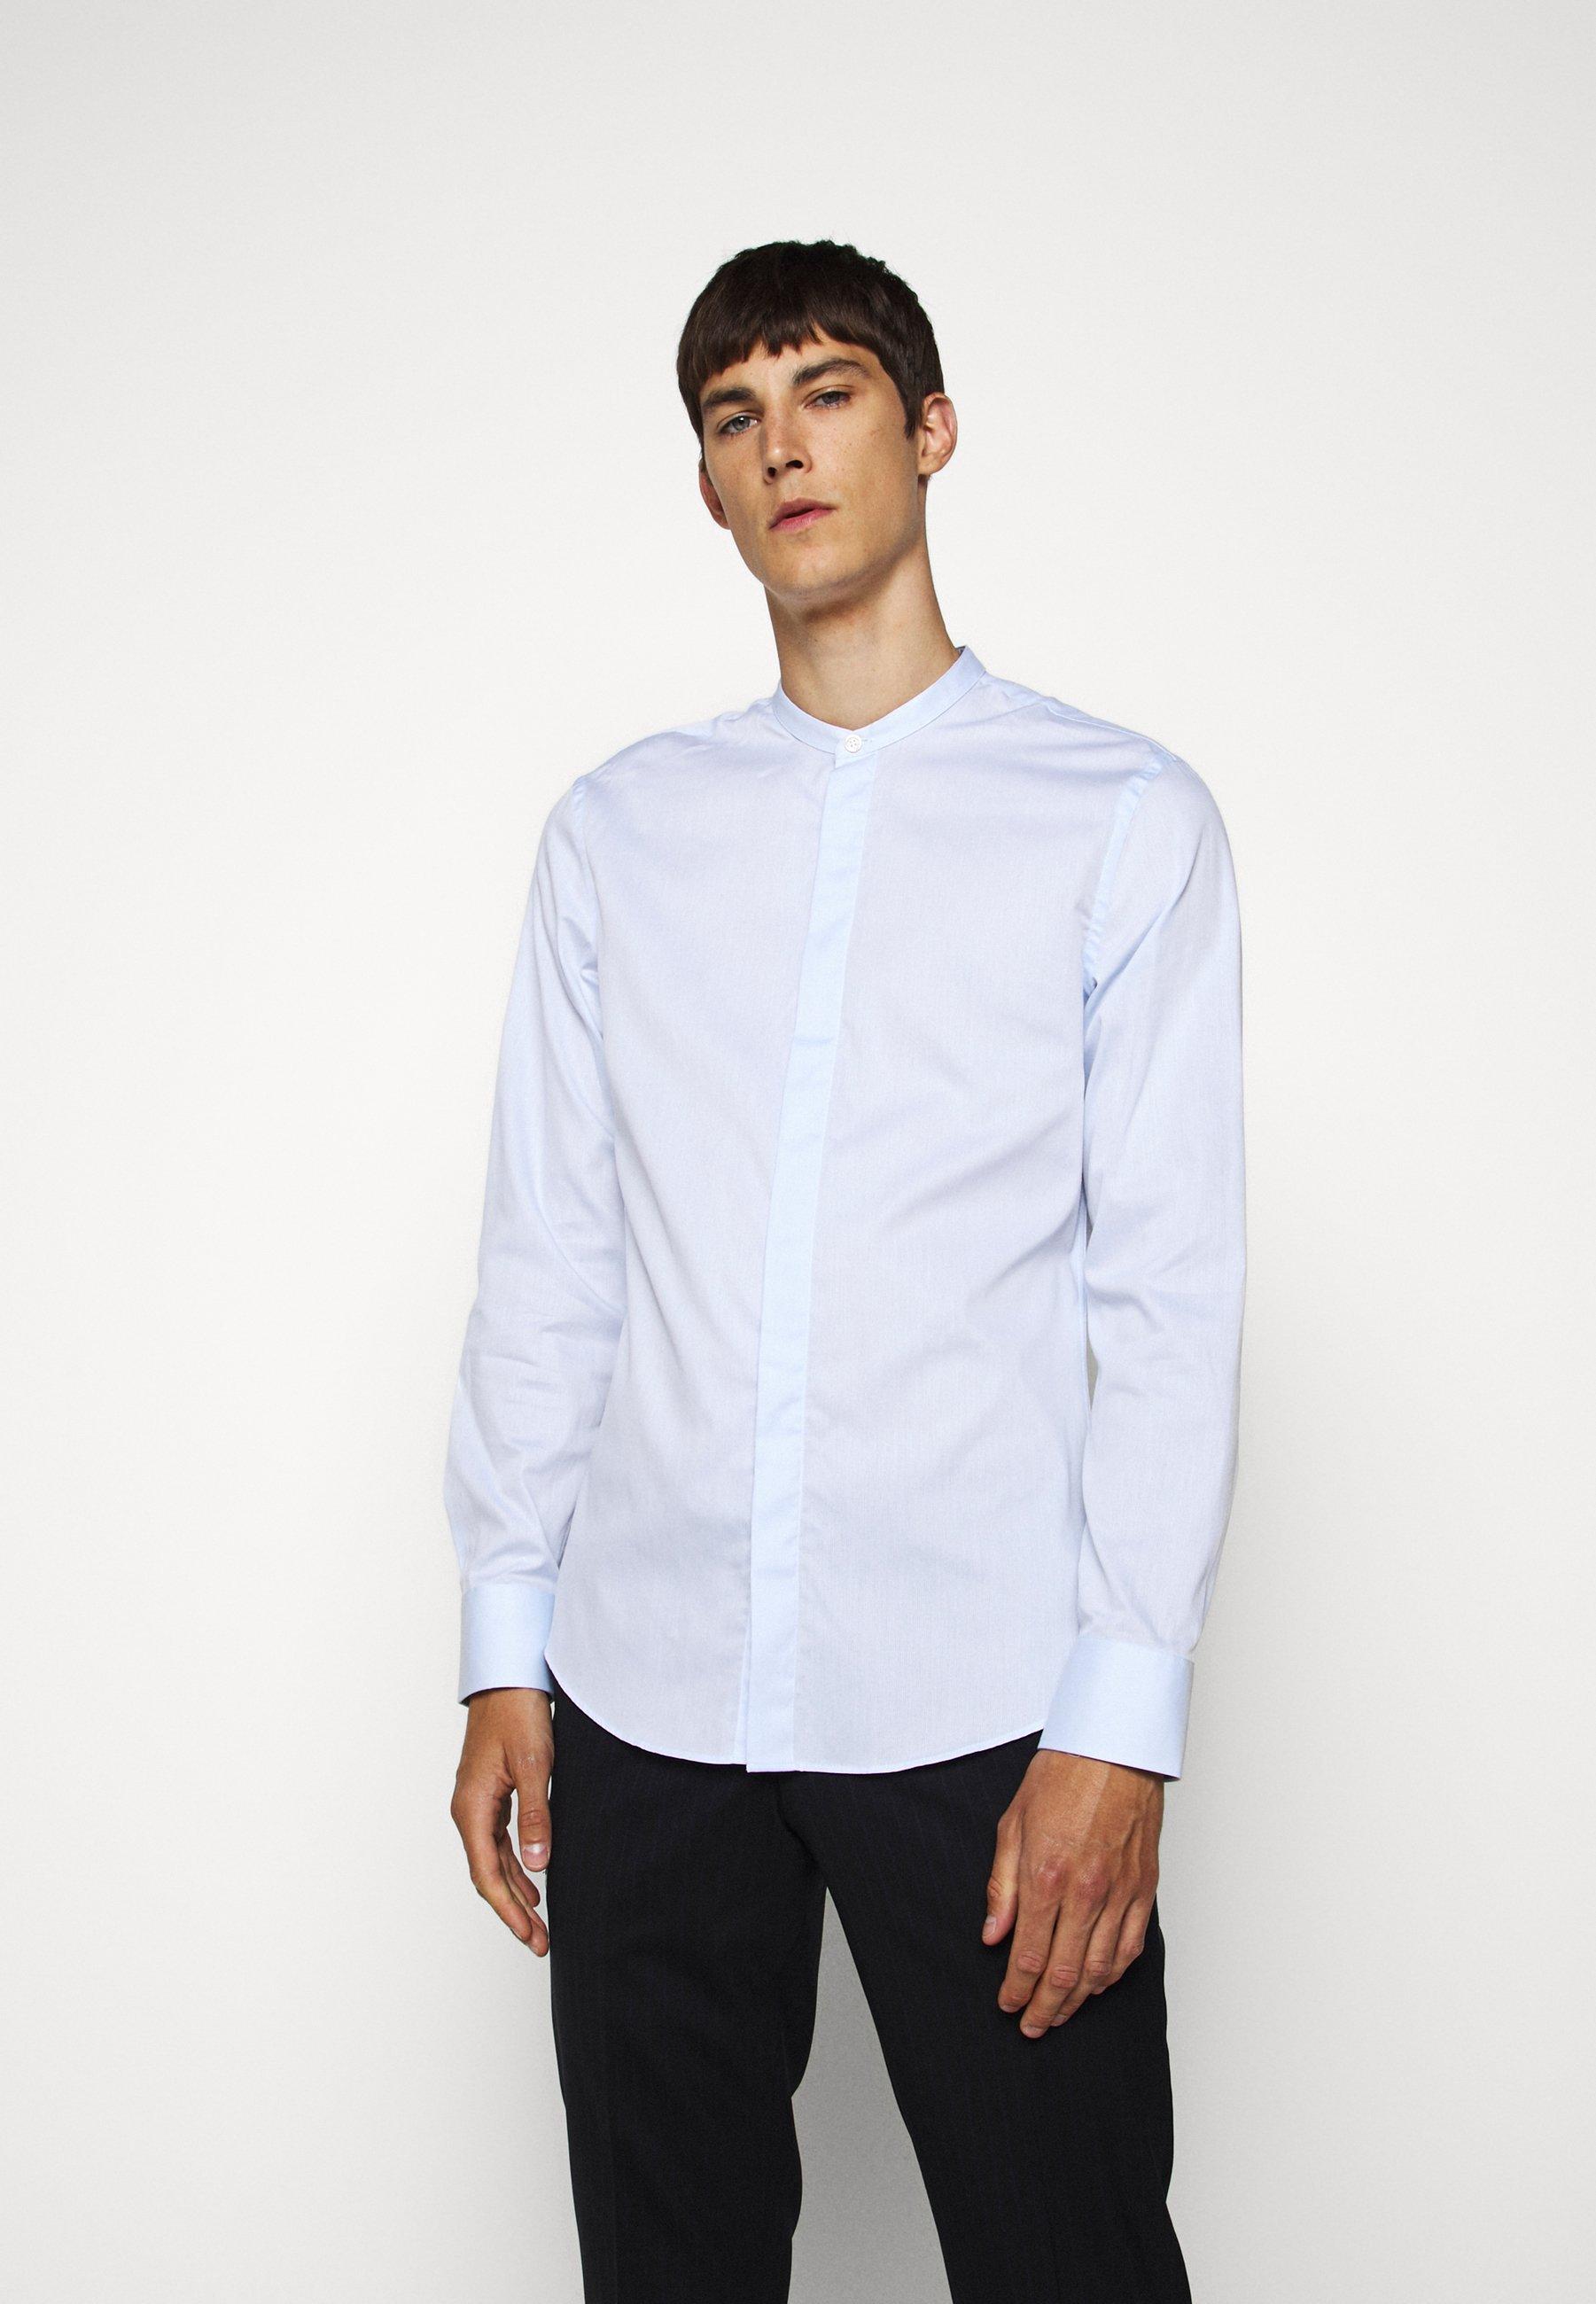 Alta Calidad Ropa de hombre Tiger of Sweden FORWARD Camisa elegante blues lRcRJv